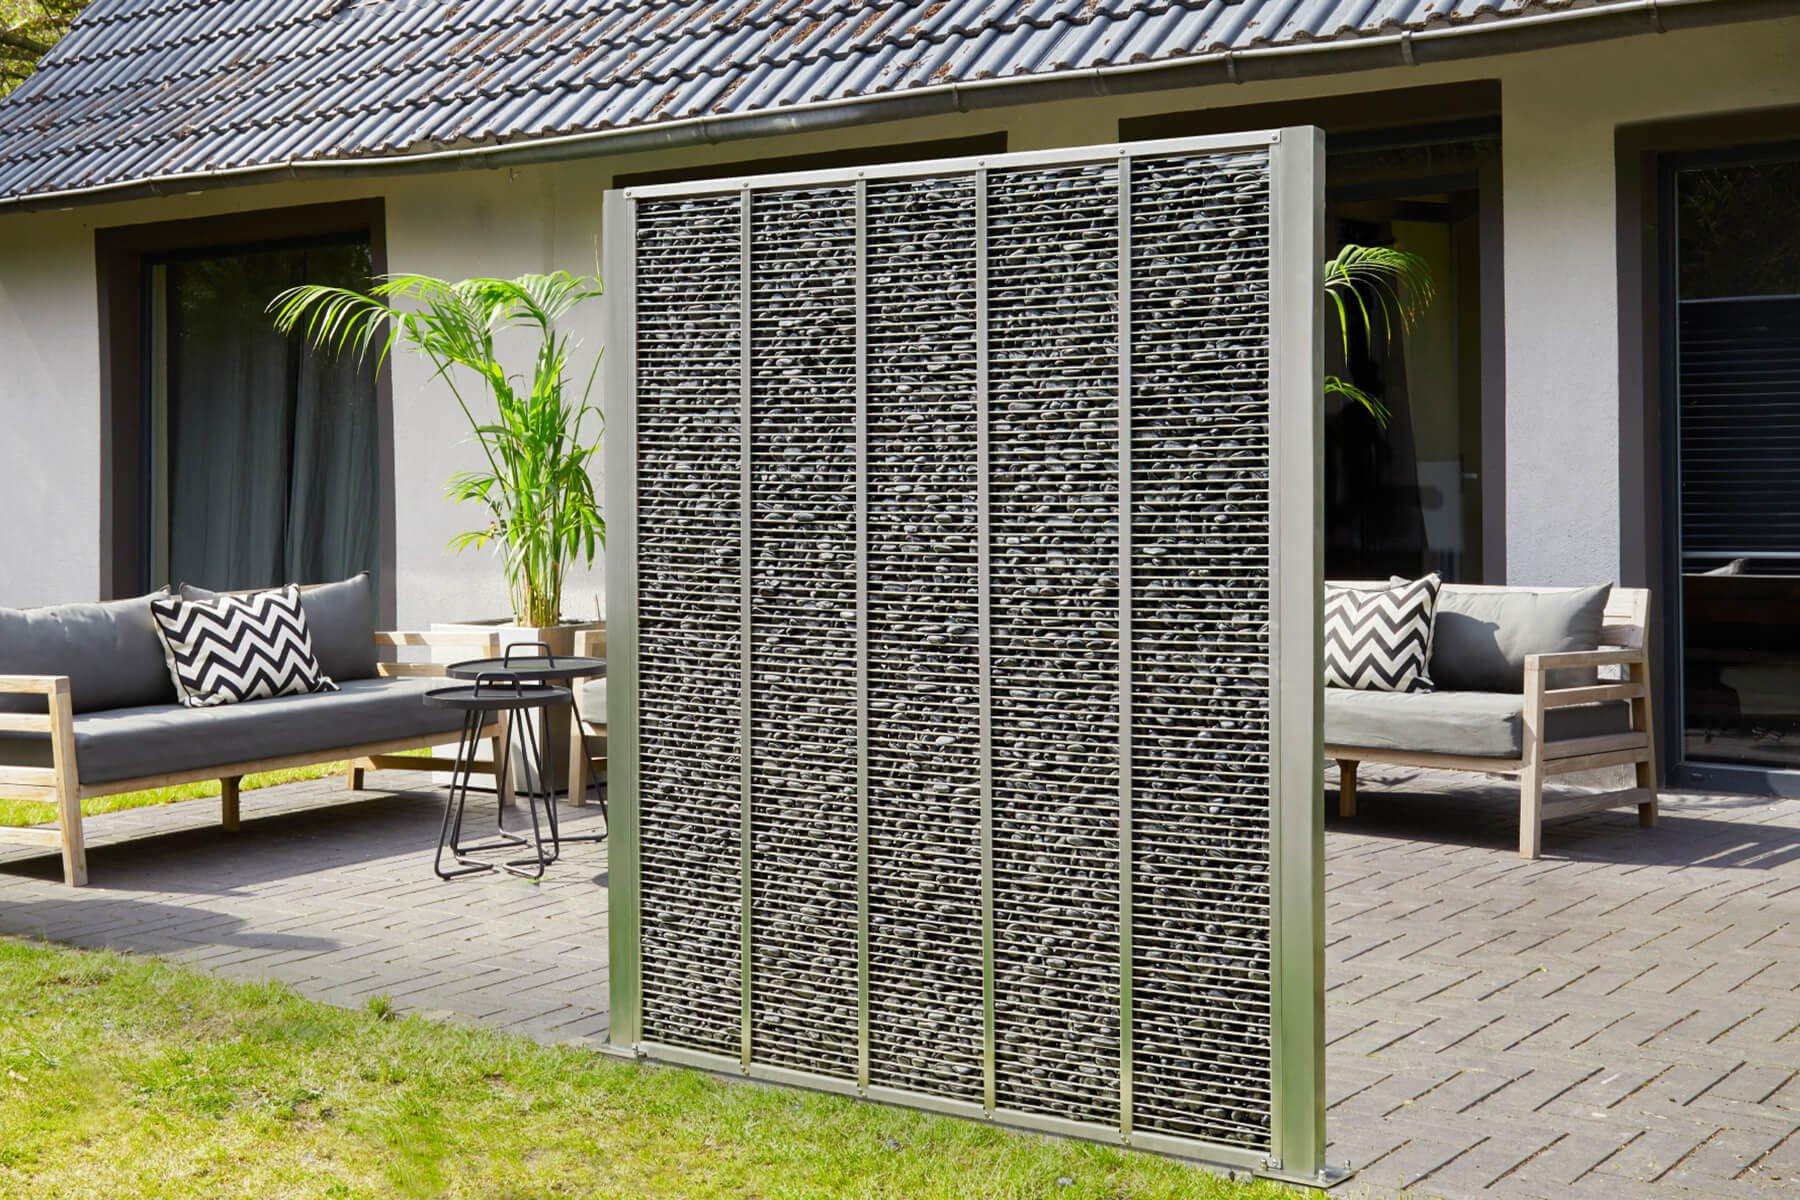 gabione-genta-als-dekoratives-einzelelement-ist- Ein-moderner-hingucker-fuer-jeden-garten-und-terrasse-und- Sorgt-euer-wind-sicht-und-laermschutz